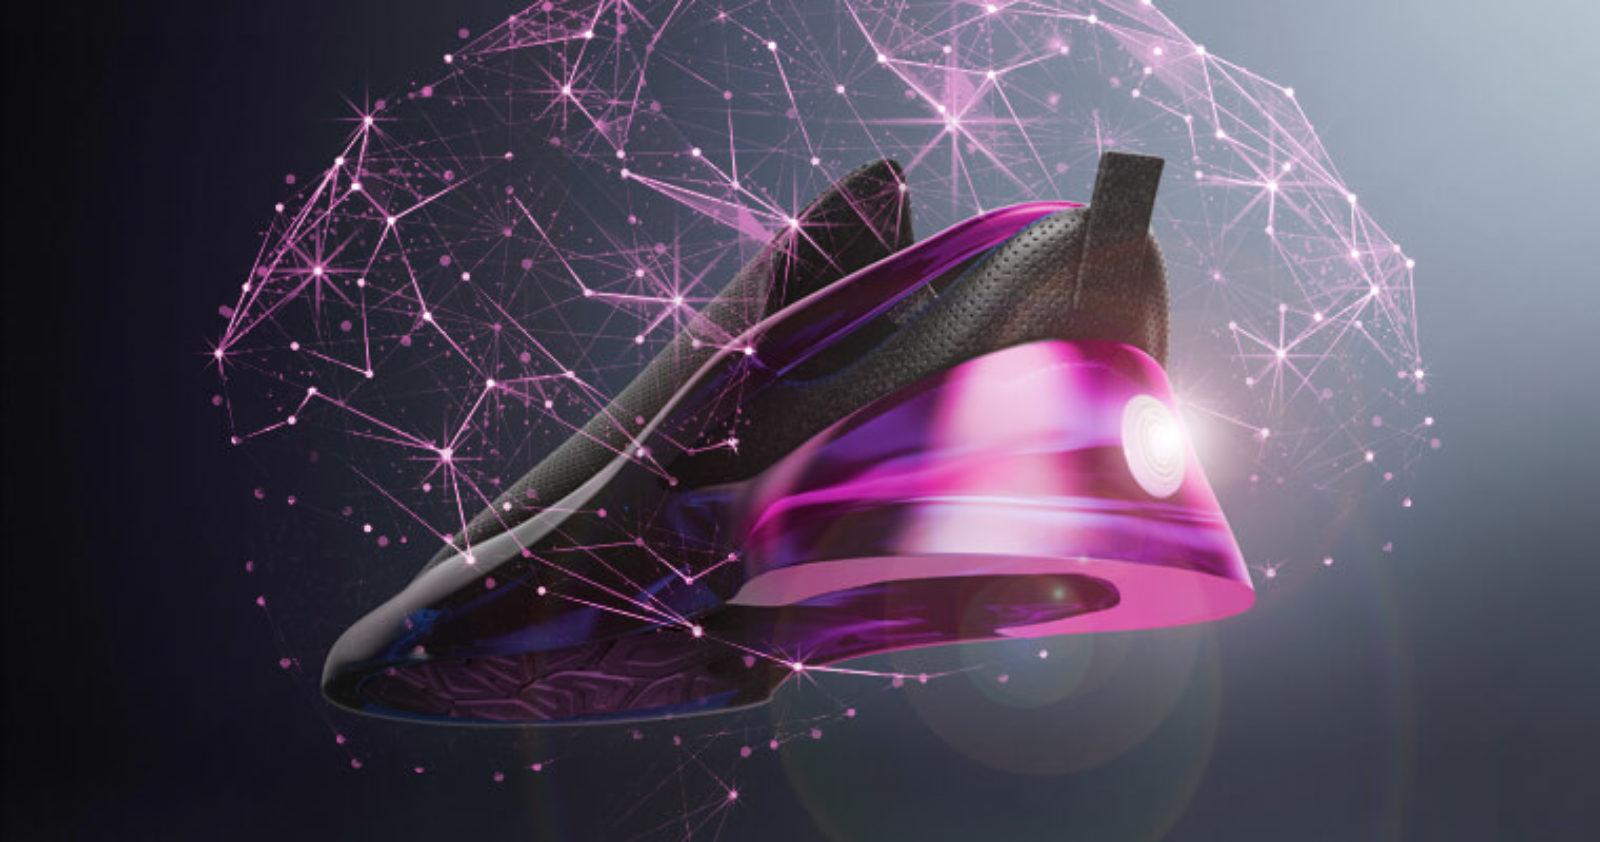 Innovativ bis in die Schuhspitzen. Vom EMS-Elektronikdienstleister Technosert gefertigte Komponenten befinden sich in modernsten Sensoren.